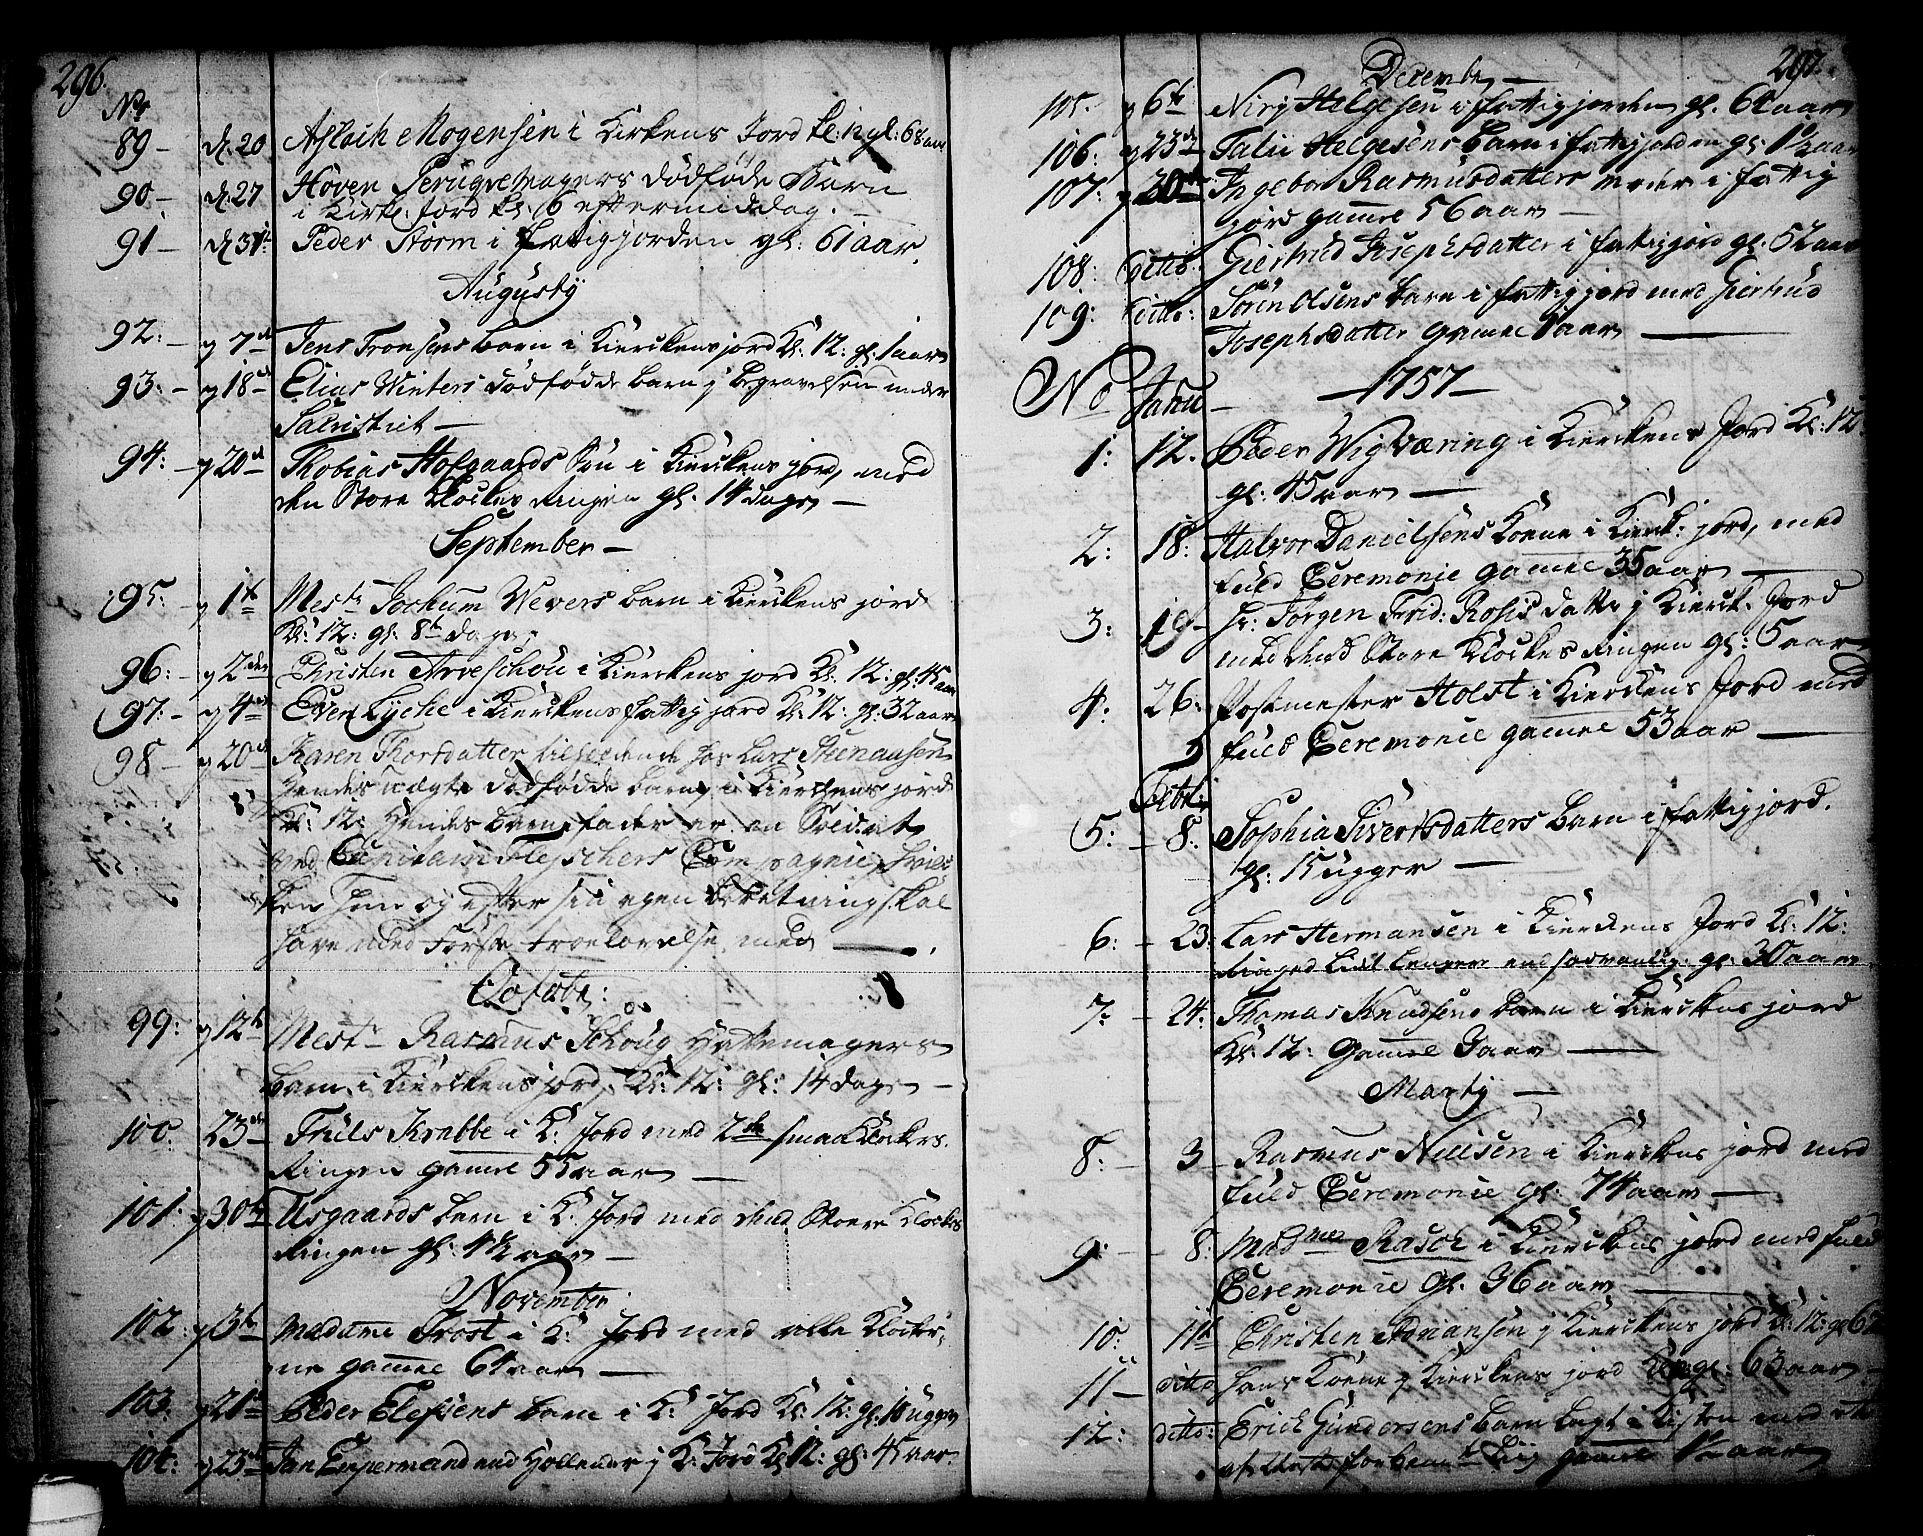 SAKO, Skien kirkebøker, F/Fa/L0003: Ministerialbok nr. 3, 1755-1791, s. 296-297